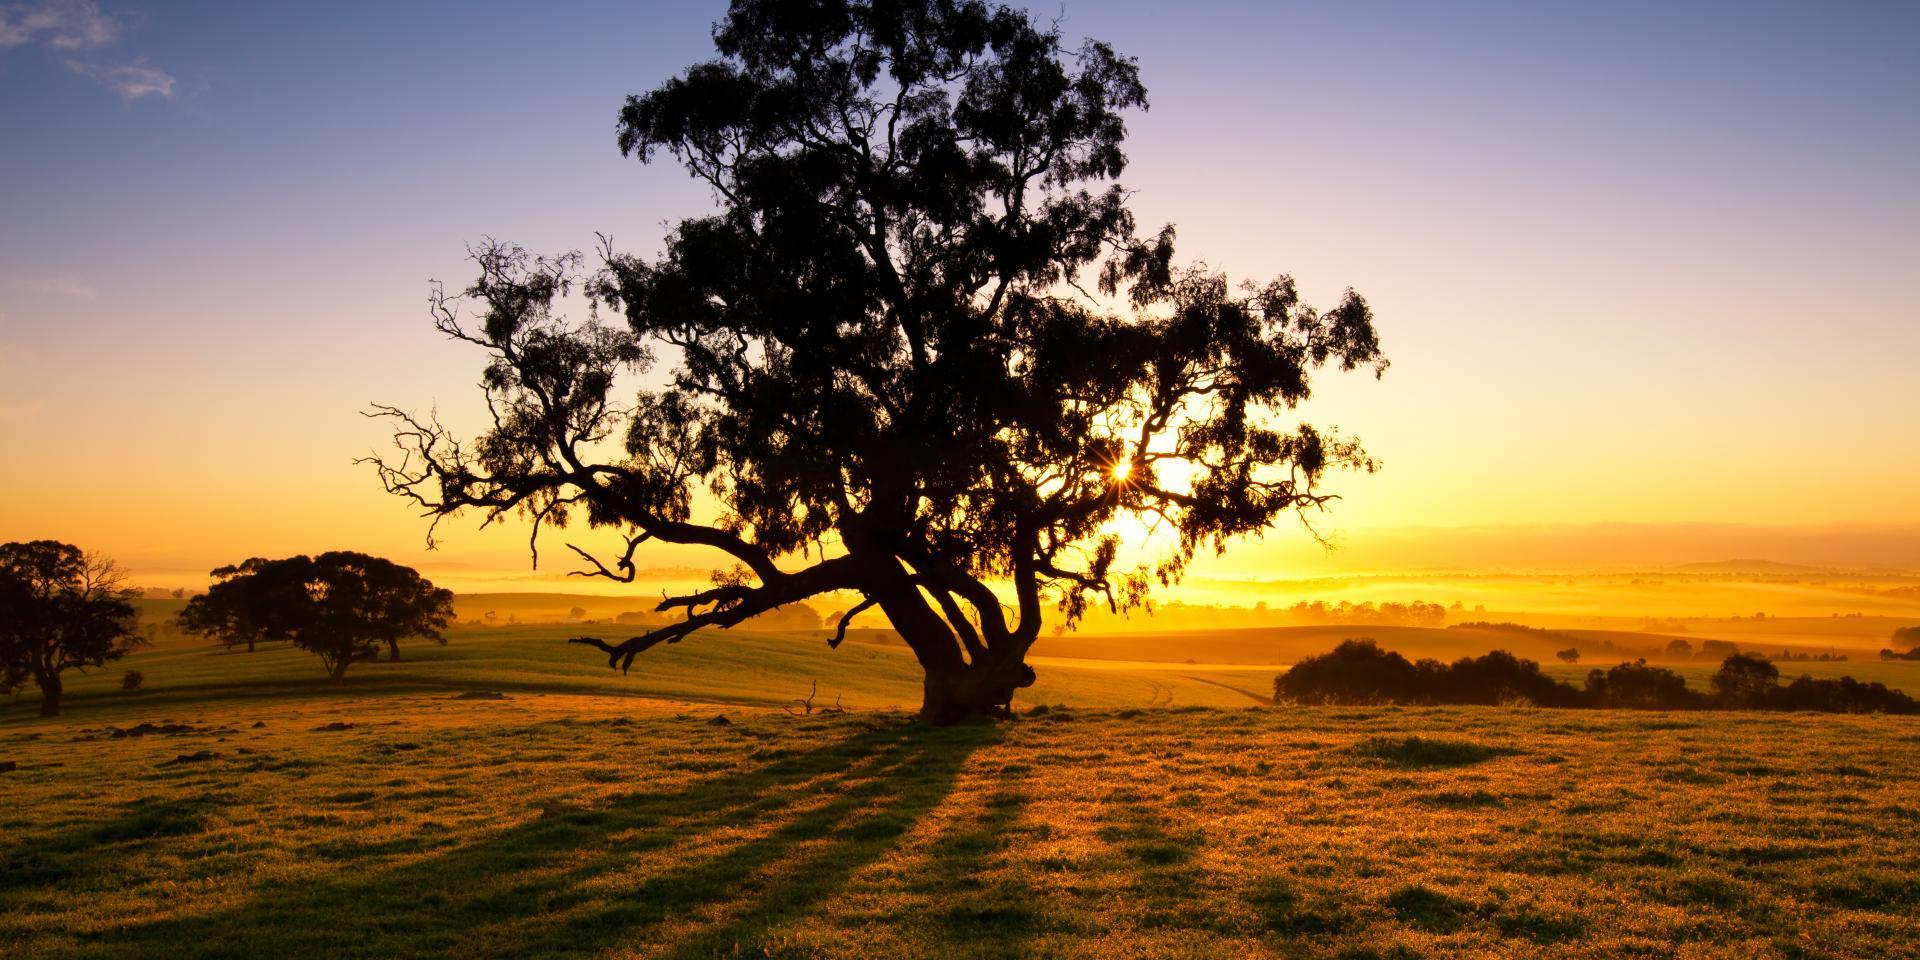 Karte Australien Und Umgebung.Das Wetter In Australien So Unterschiedlich Ist Das Klima